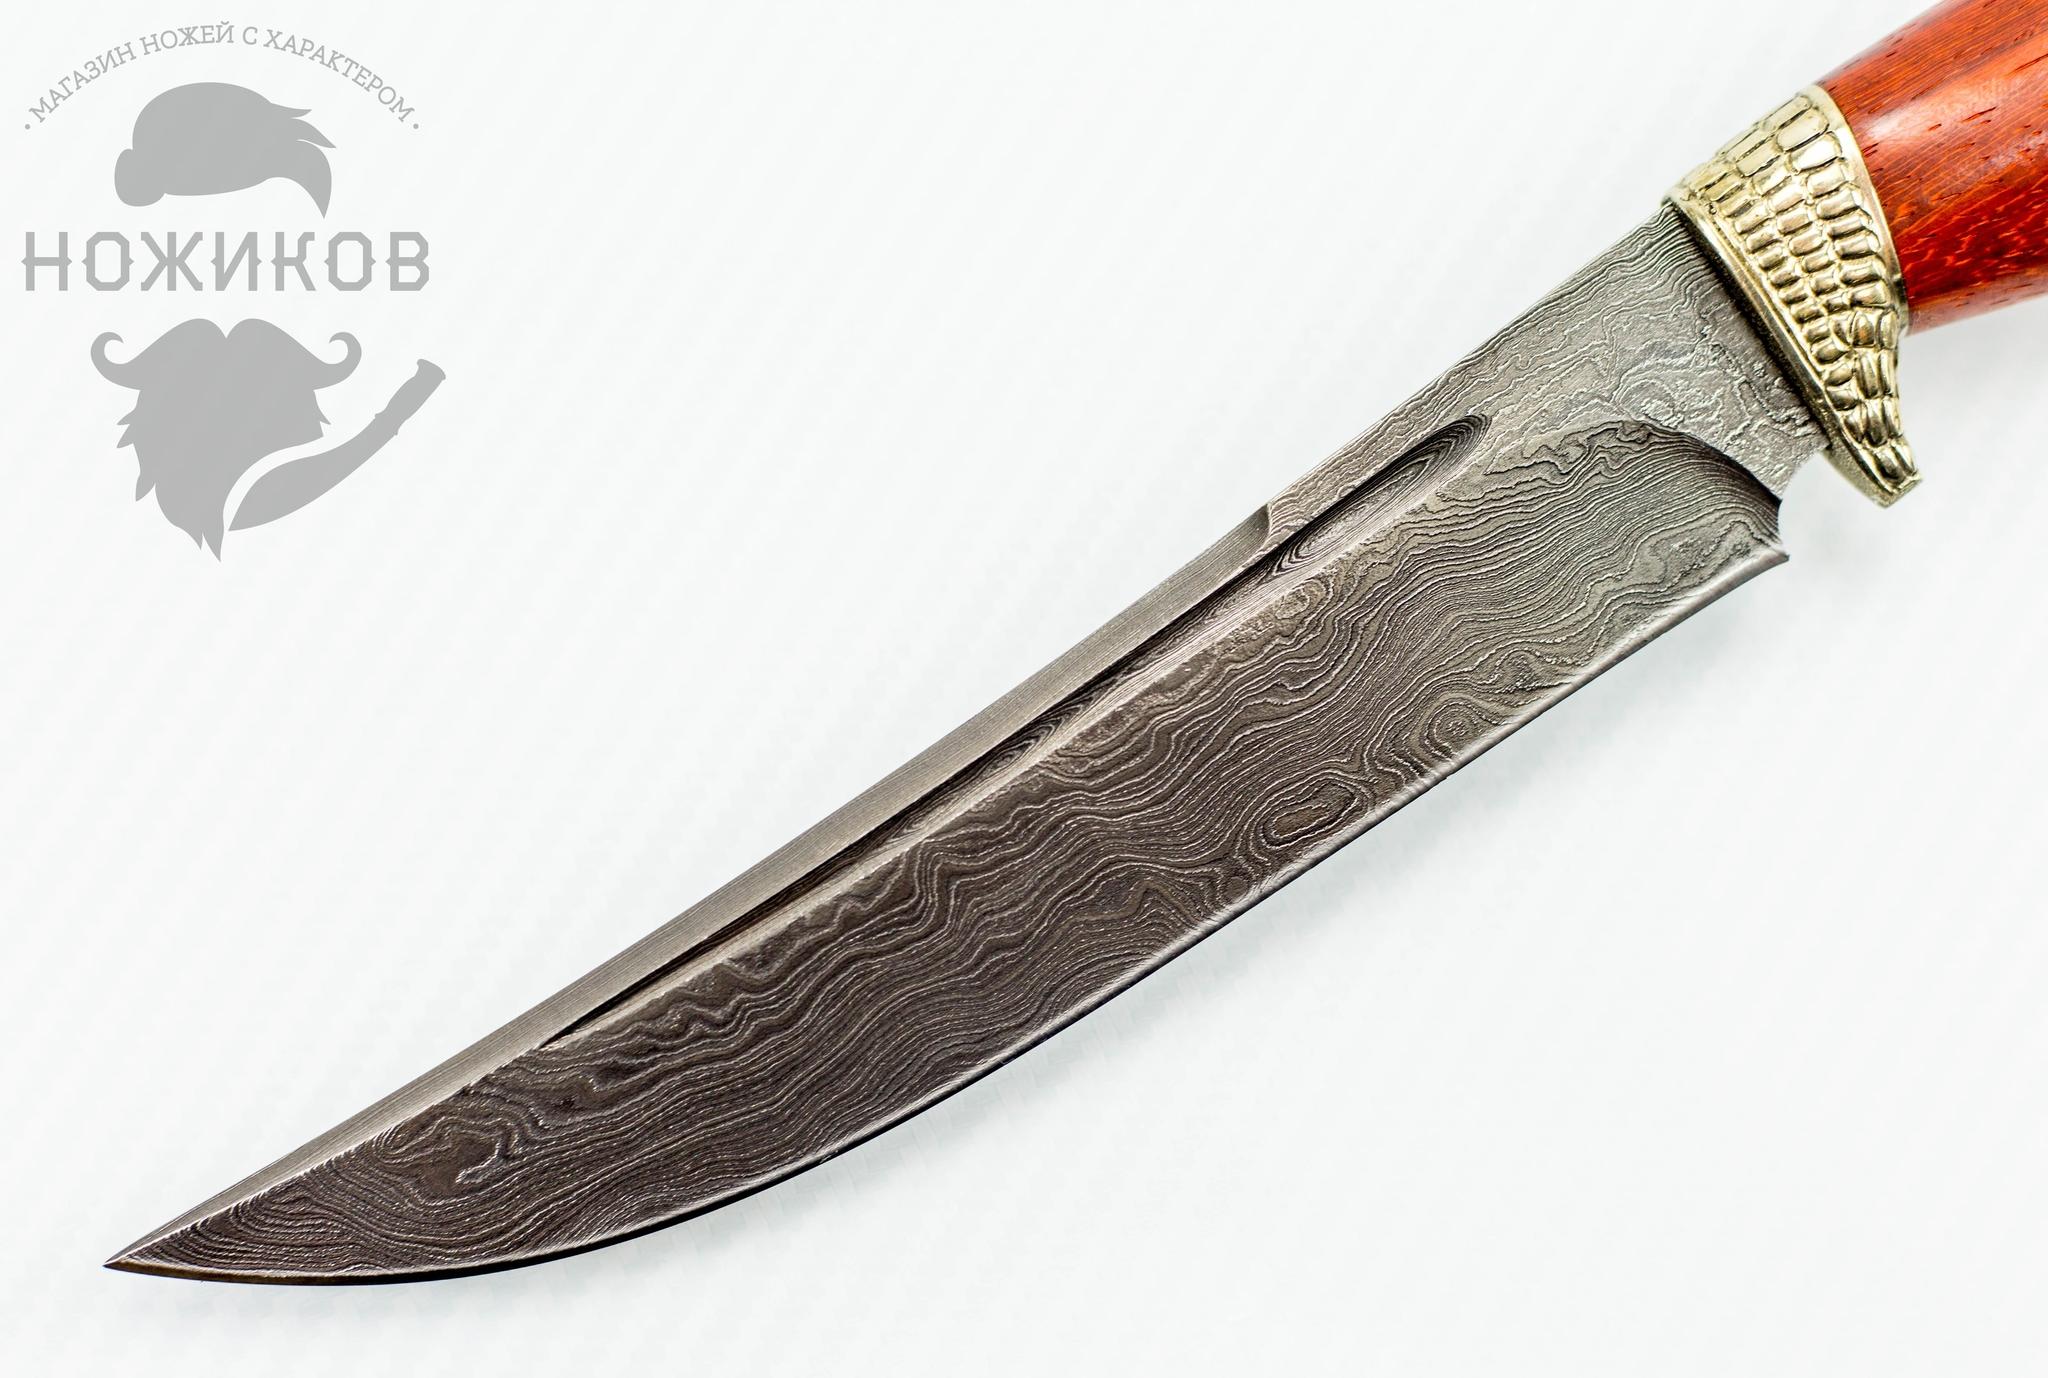 Фото 2 - Авторский Нож из Дамаска №58, Кизляр